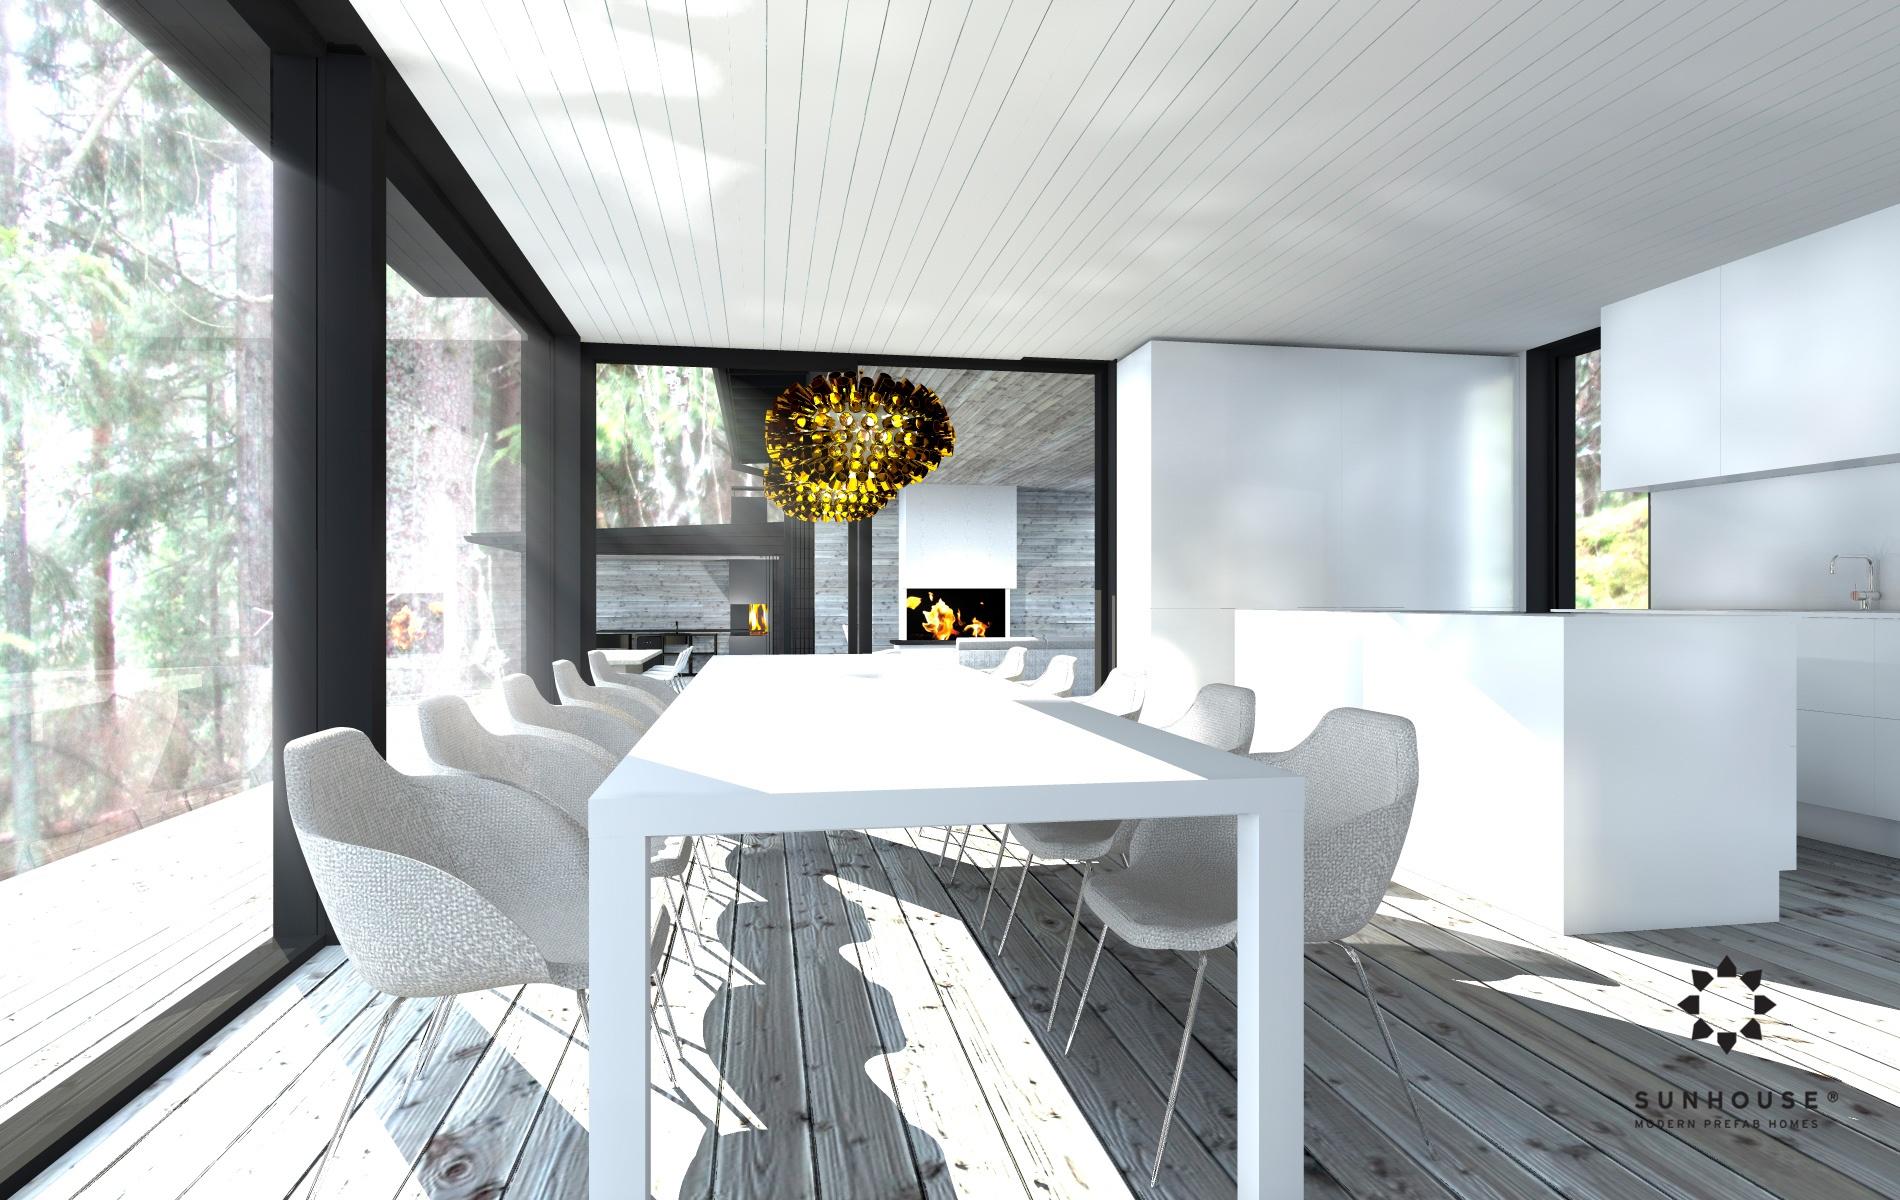 Sunhouse S1412 - Moderni vapaa-ajan asunto-8